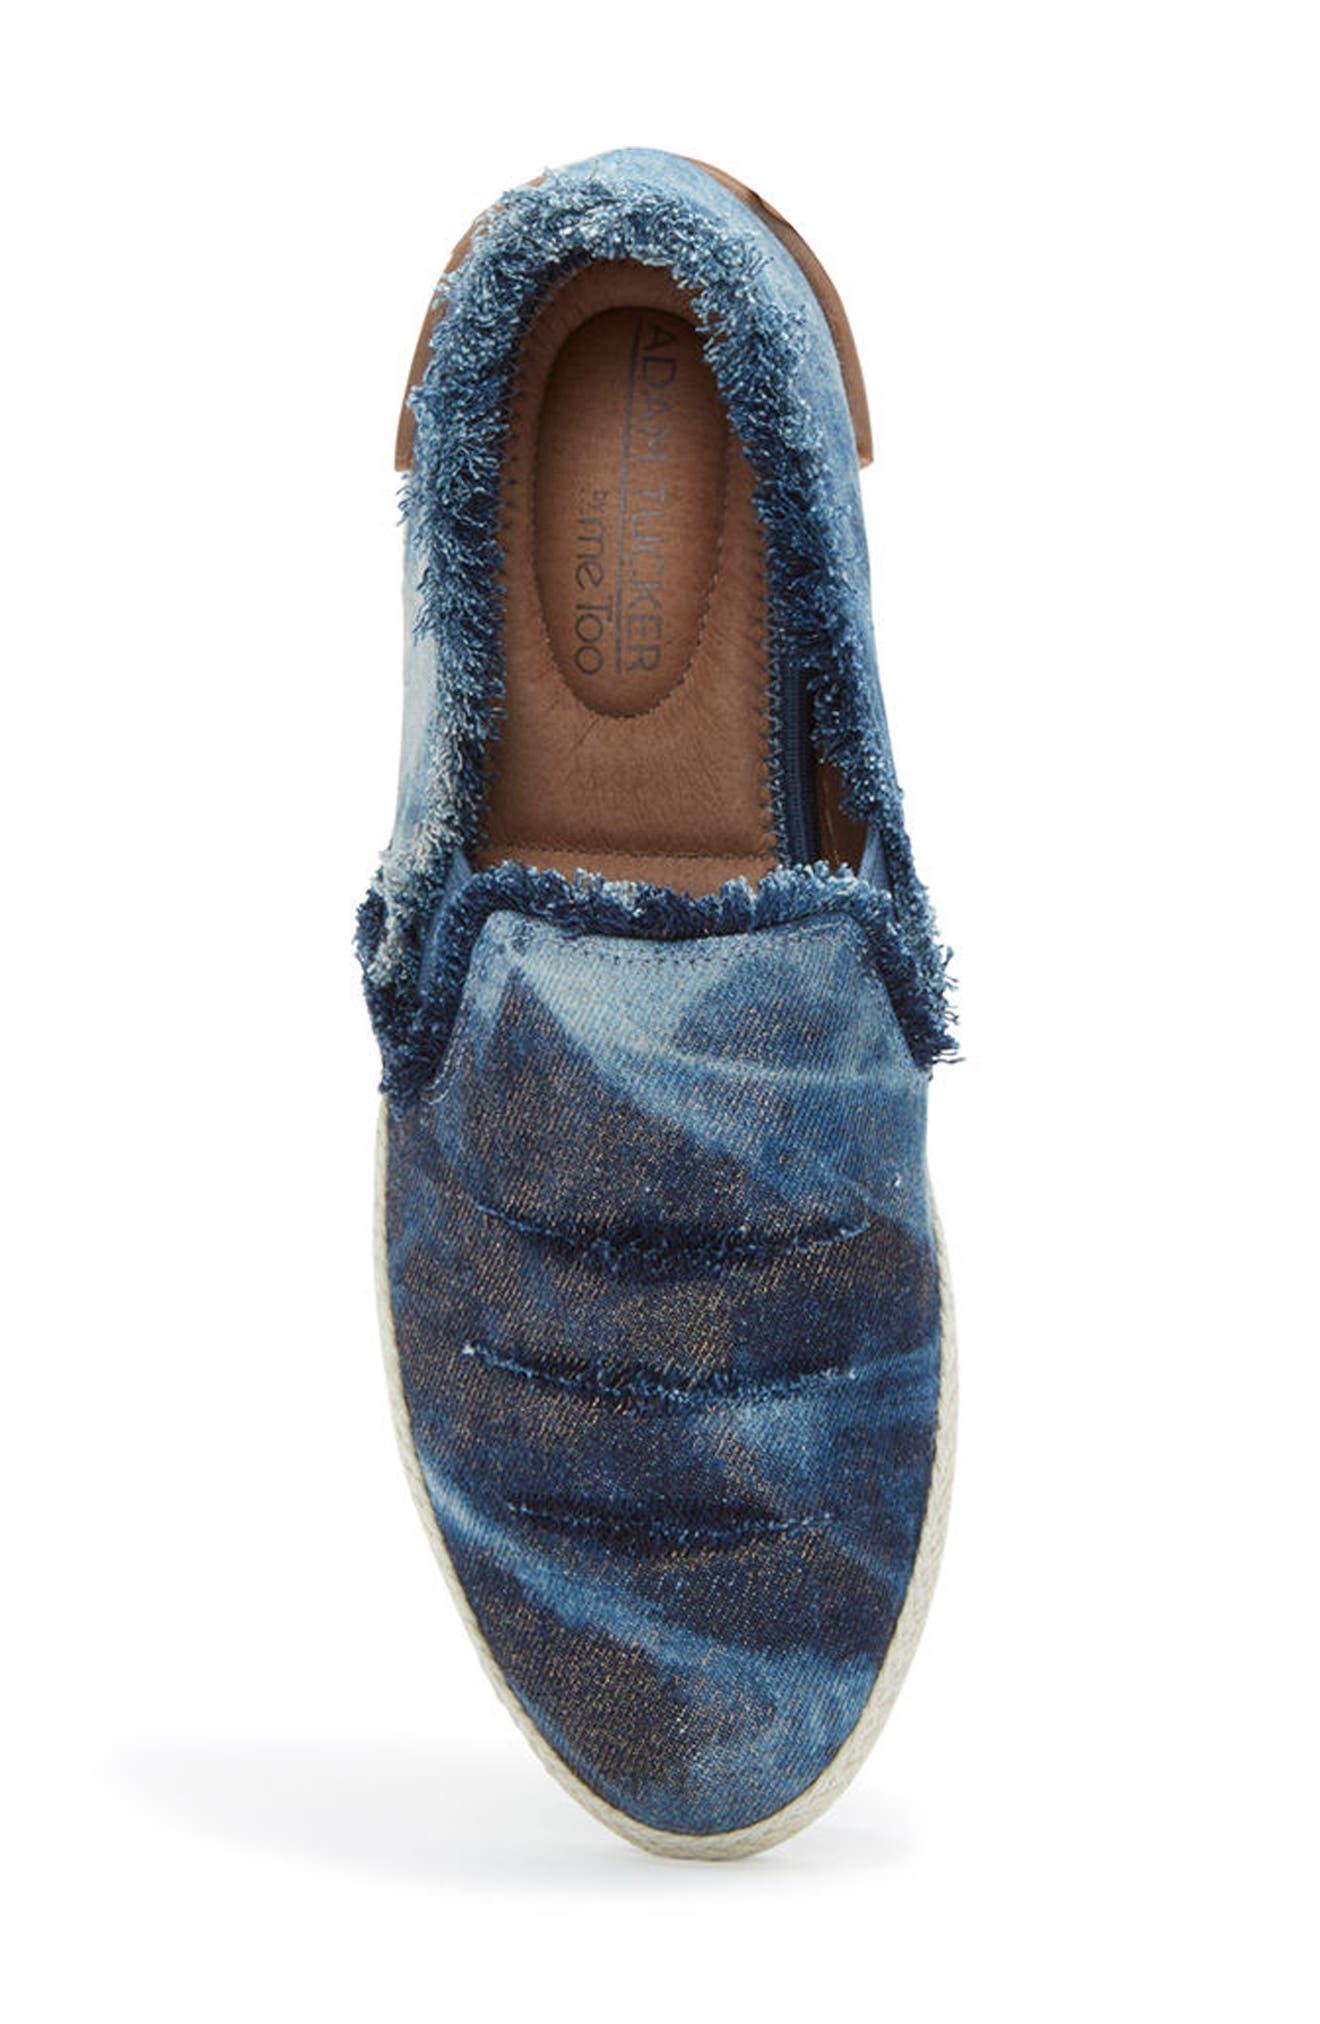 Adam Tucker Marin Slip-On Sneaker,                             Alternate thumbnail 5, color,                             Blue Champagne Denim Fabric